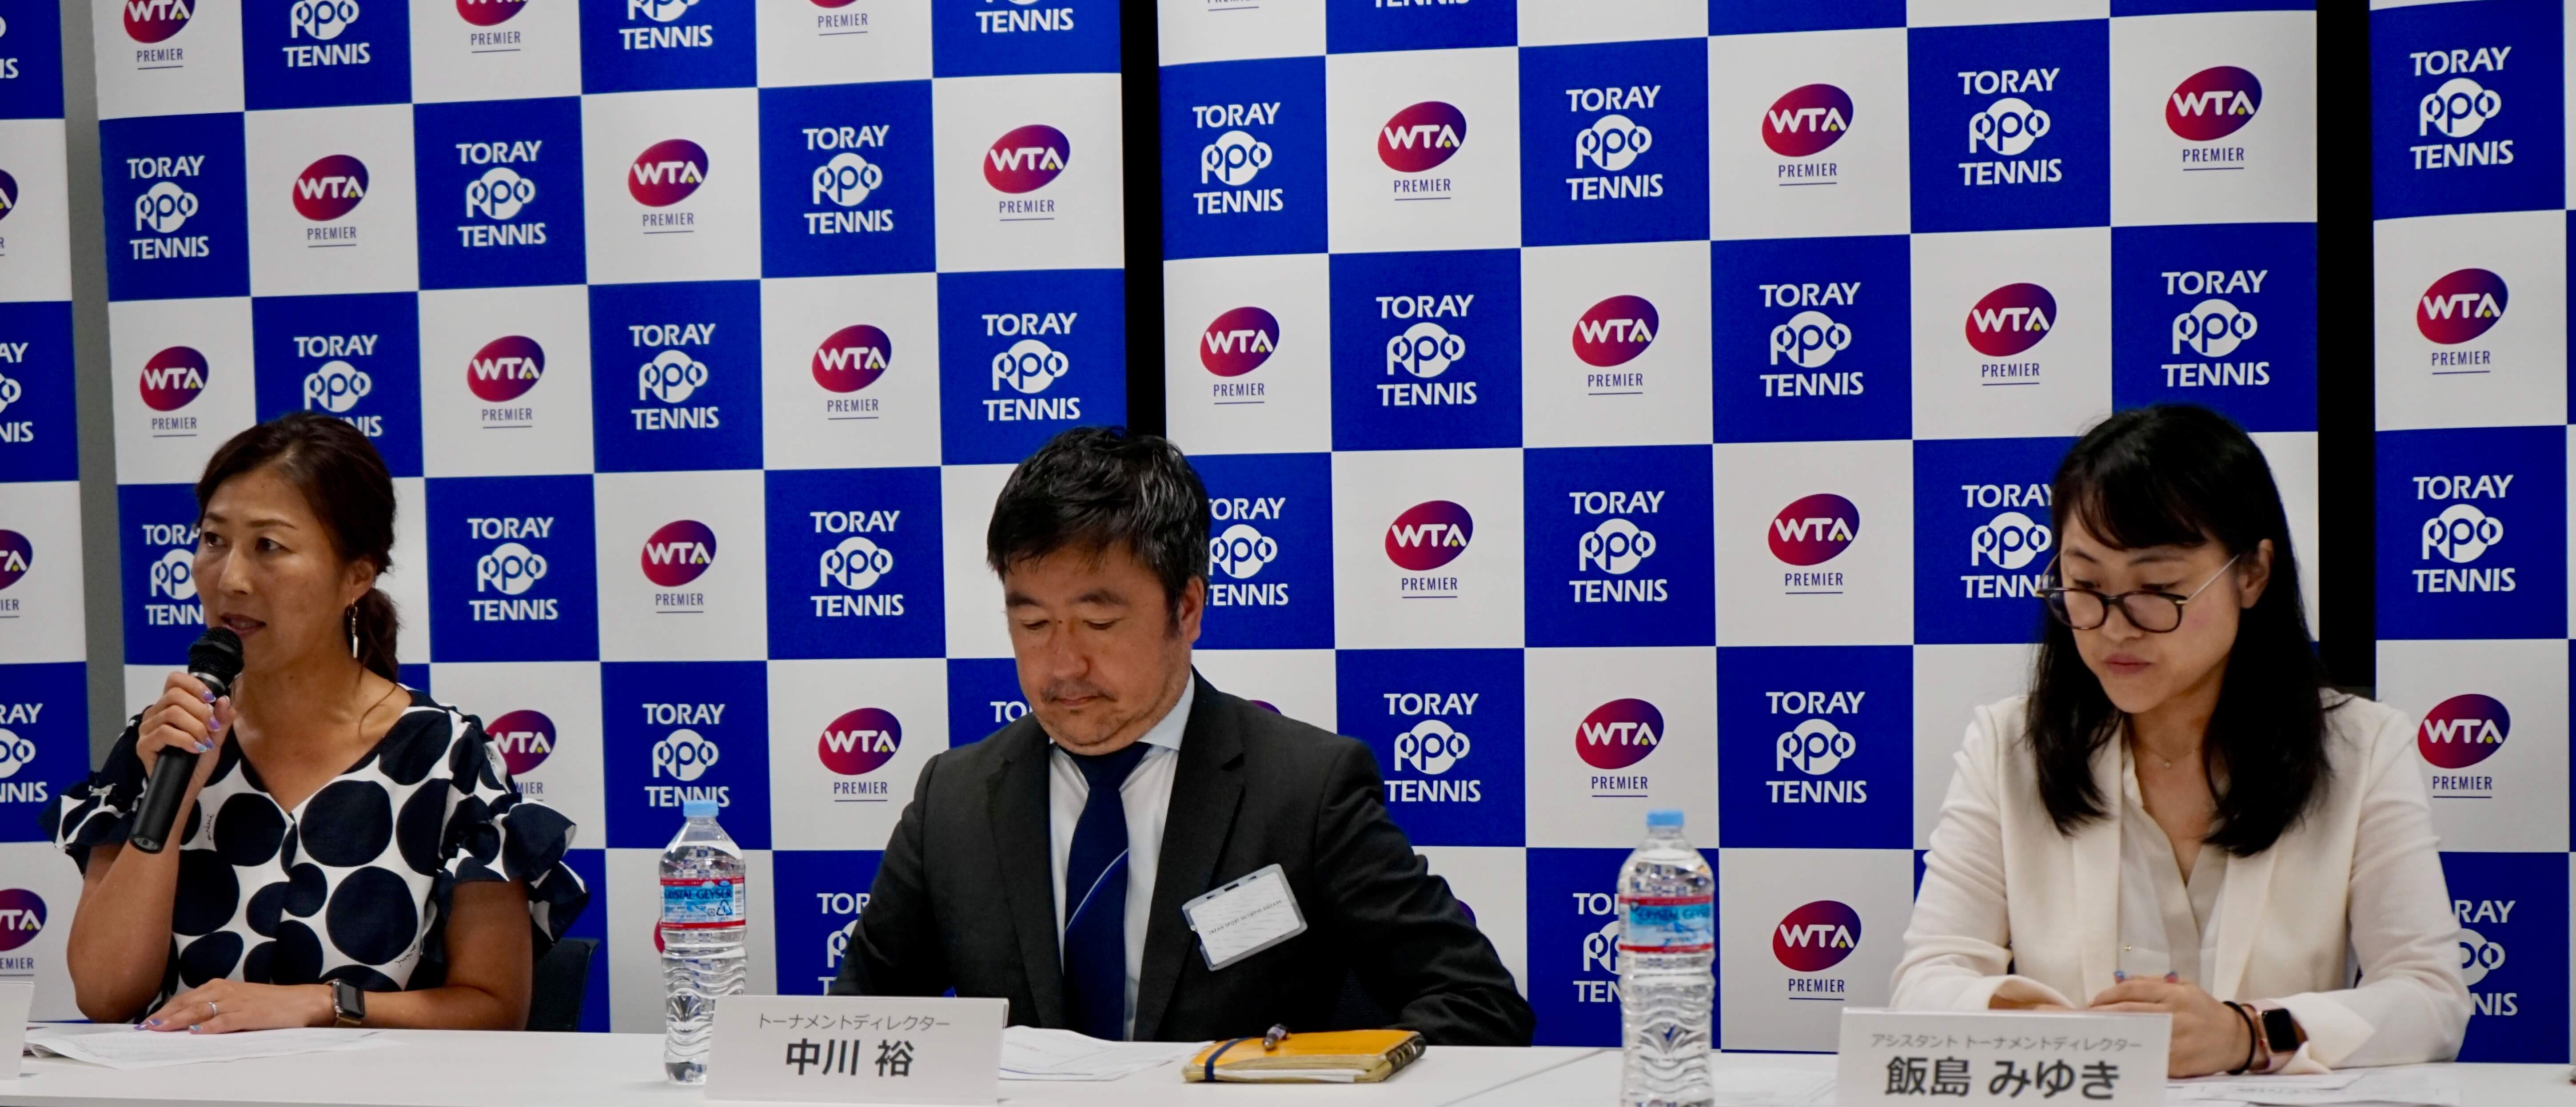 左から沢松奈生子トーナメントアンバサダー、中川裕トーナメントディレクター、 飯島みゆきアシスタントトーナメントディレクター